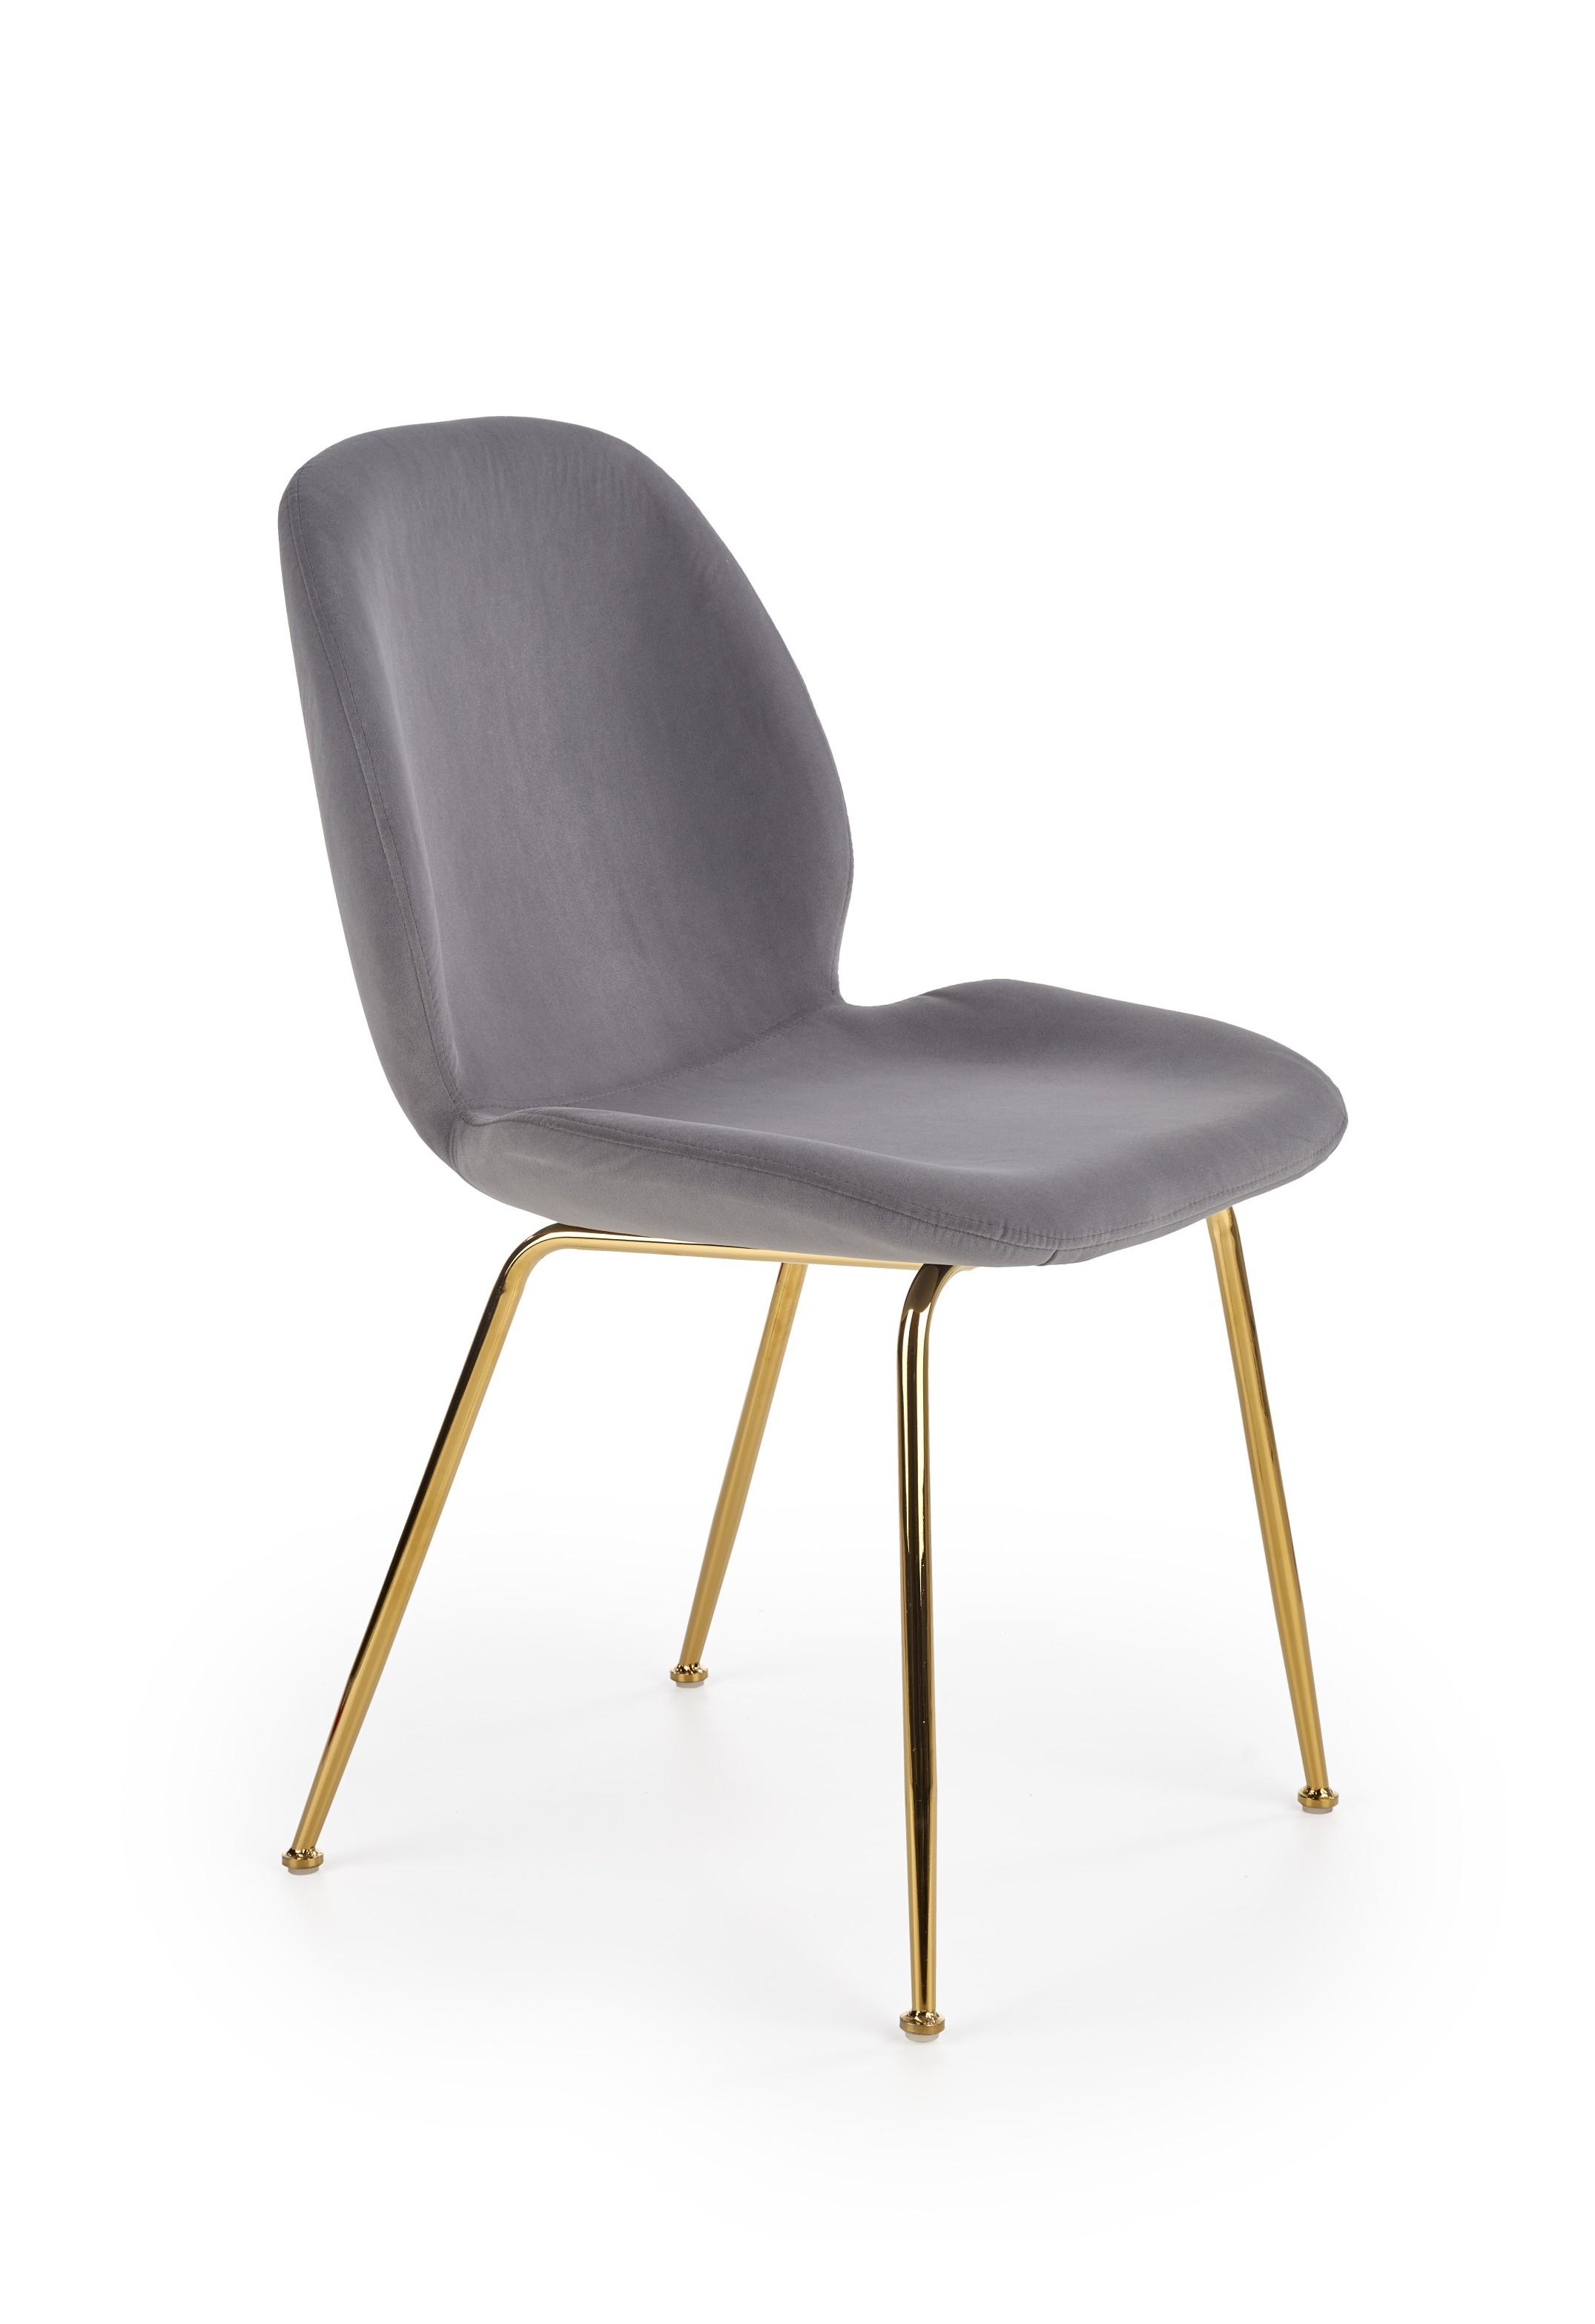 K381 jedálenská stolička šedá / zlatá